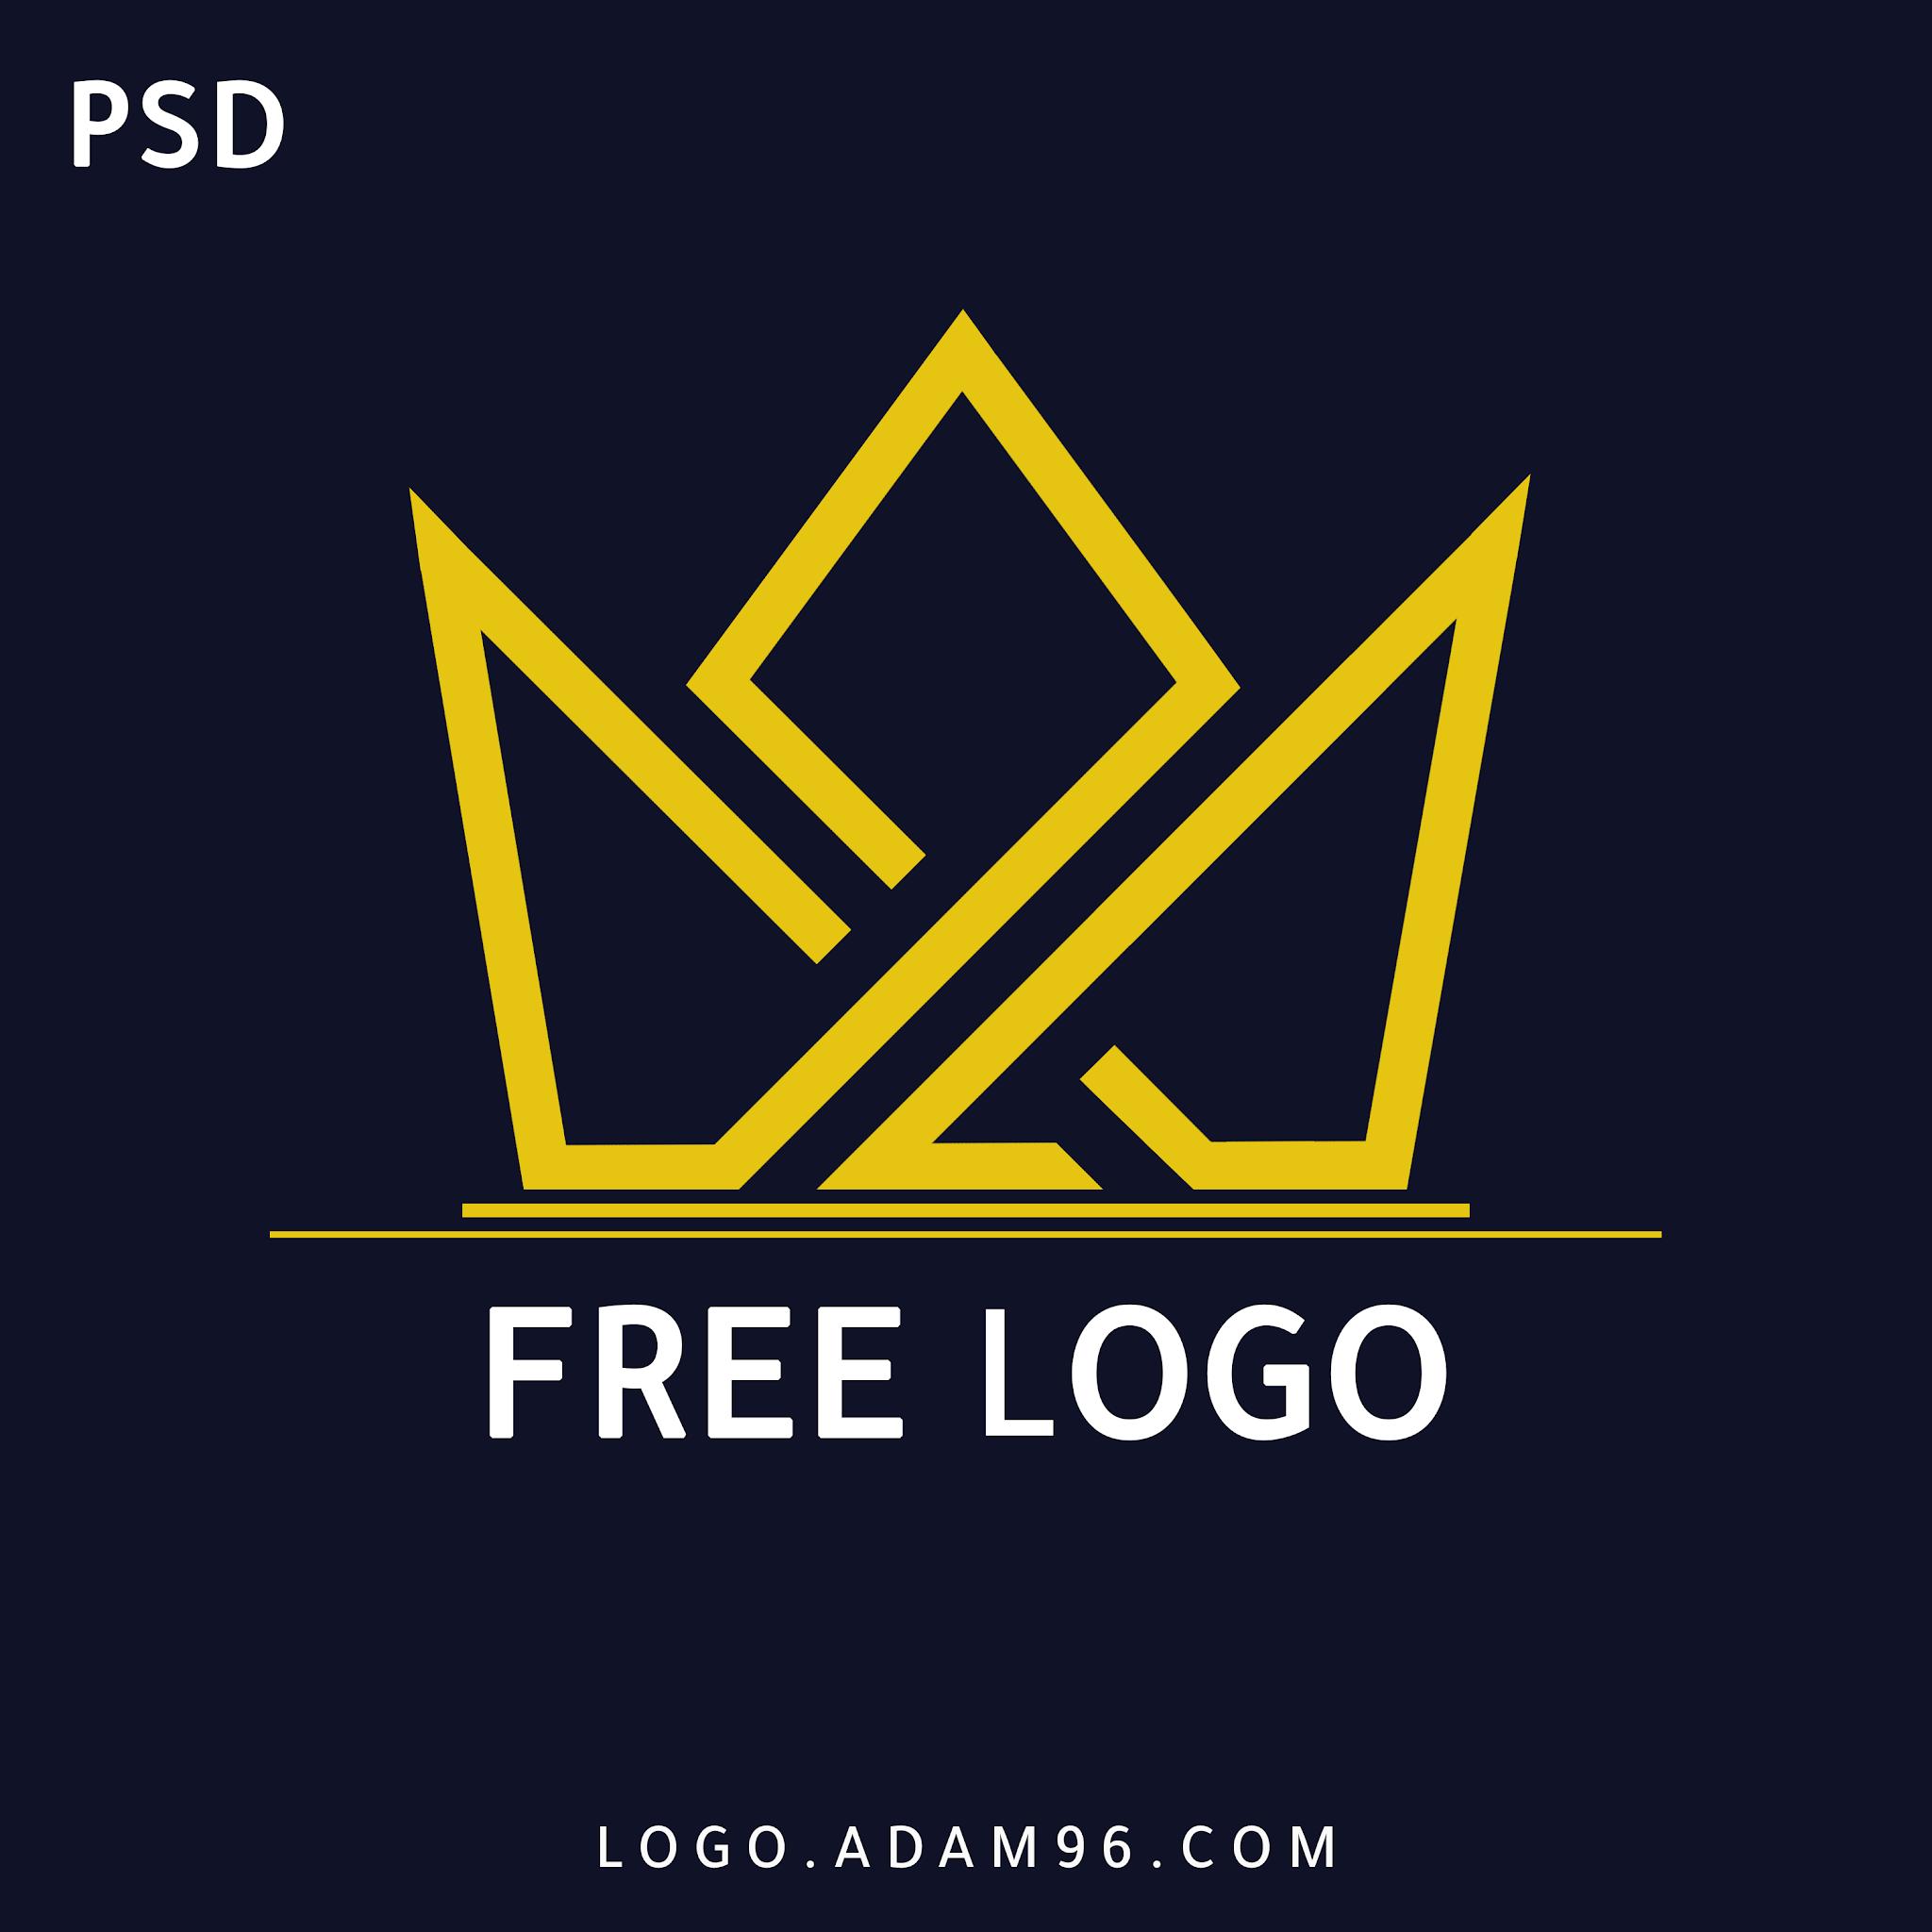 تحميل شعار احترافي مجاناً بدون حقوق يسمح في اعادة الاستخدام FREE LOGO PSD